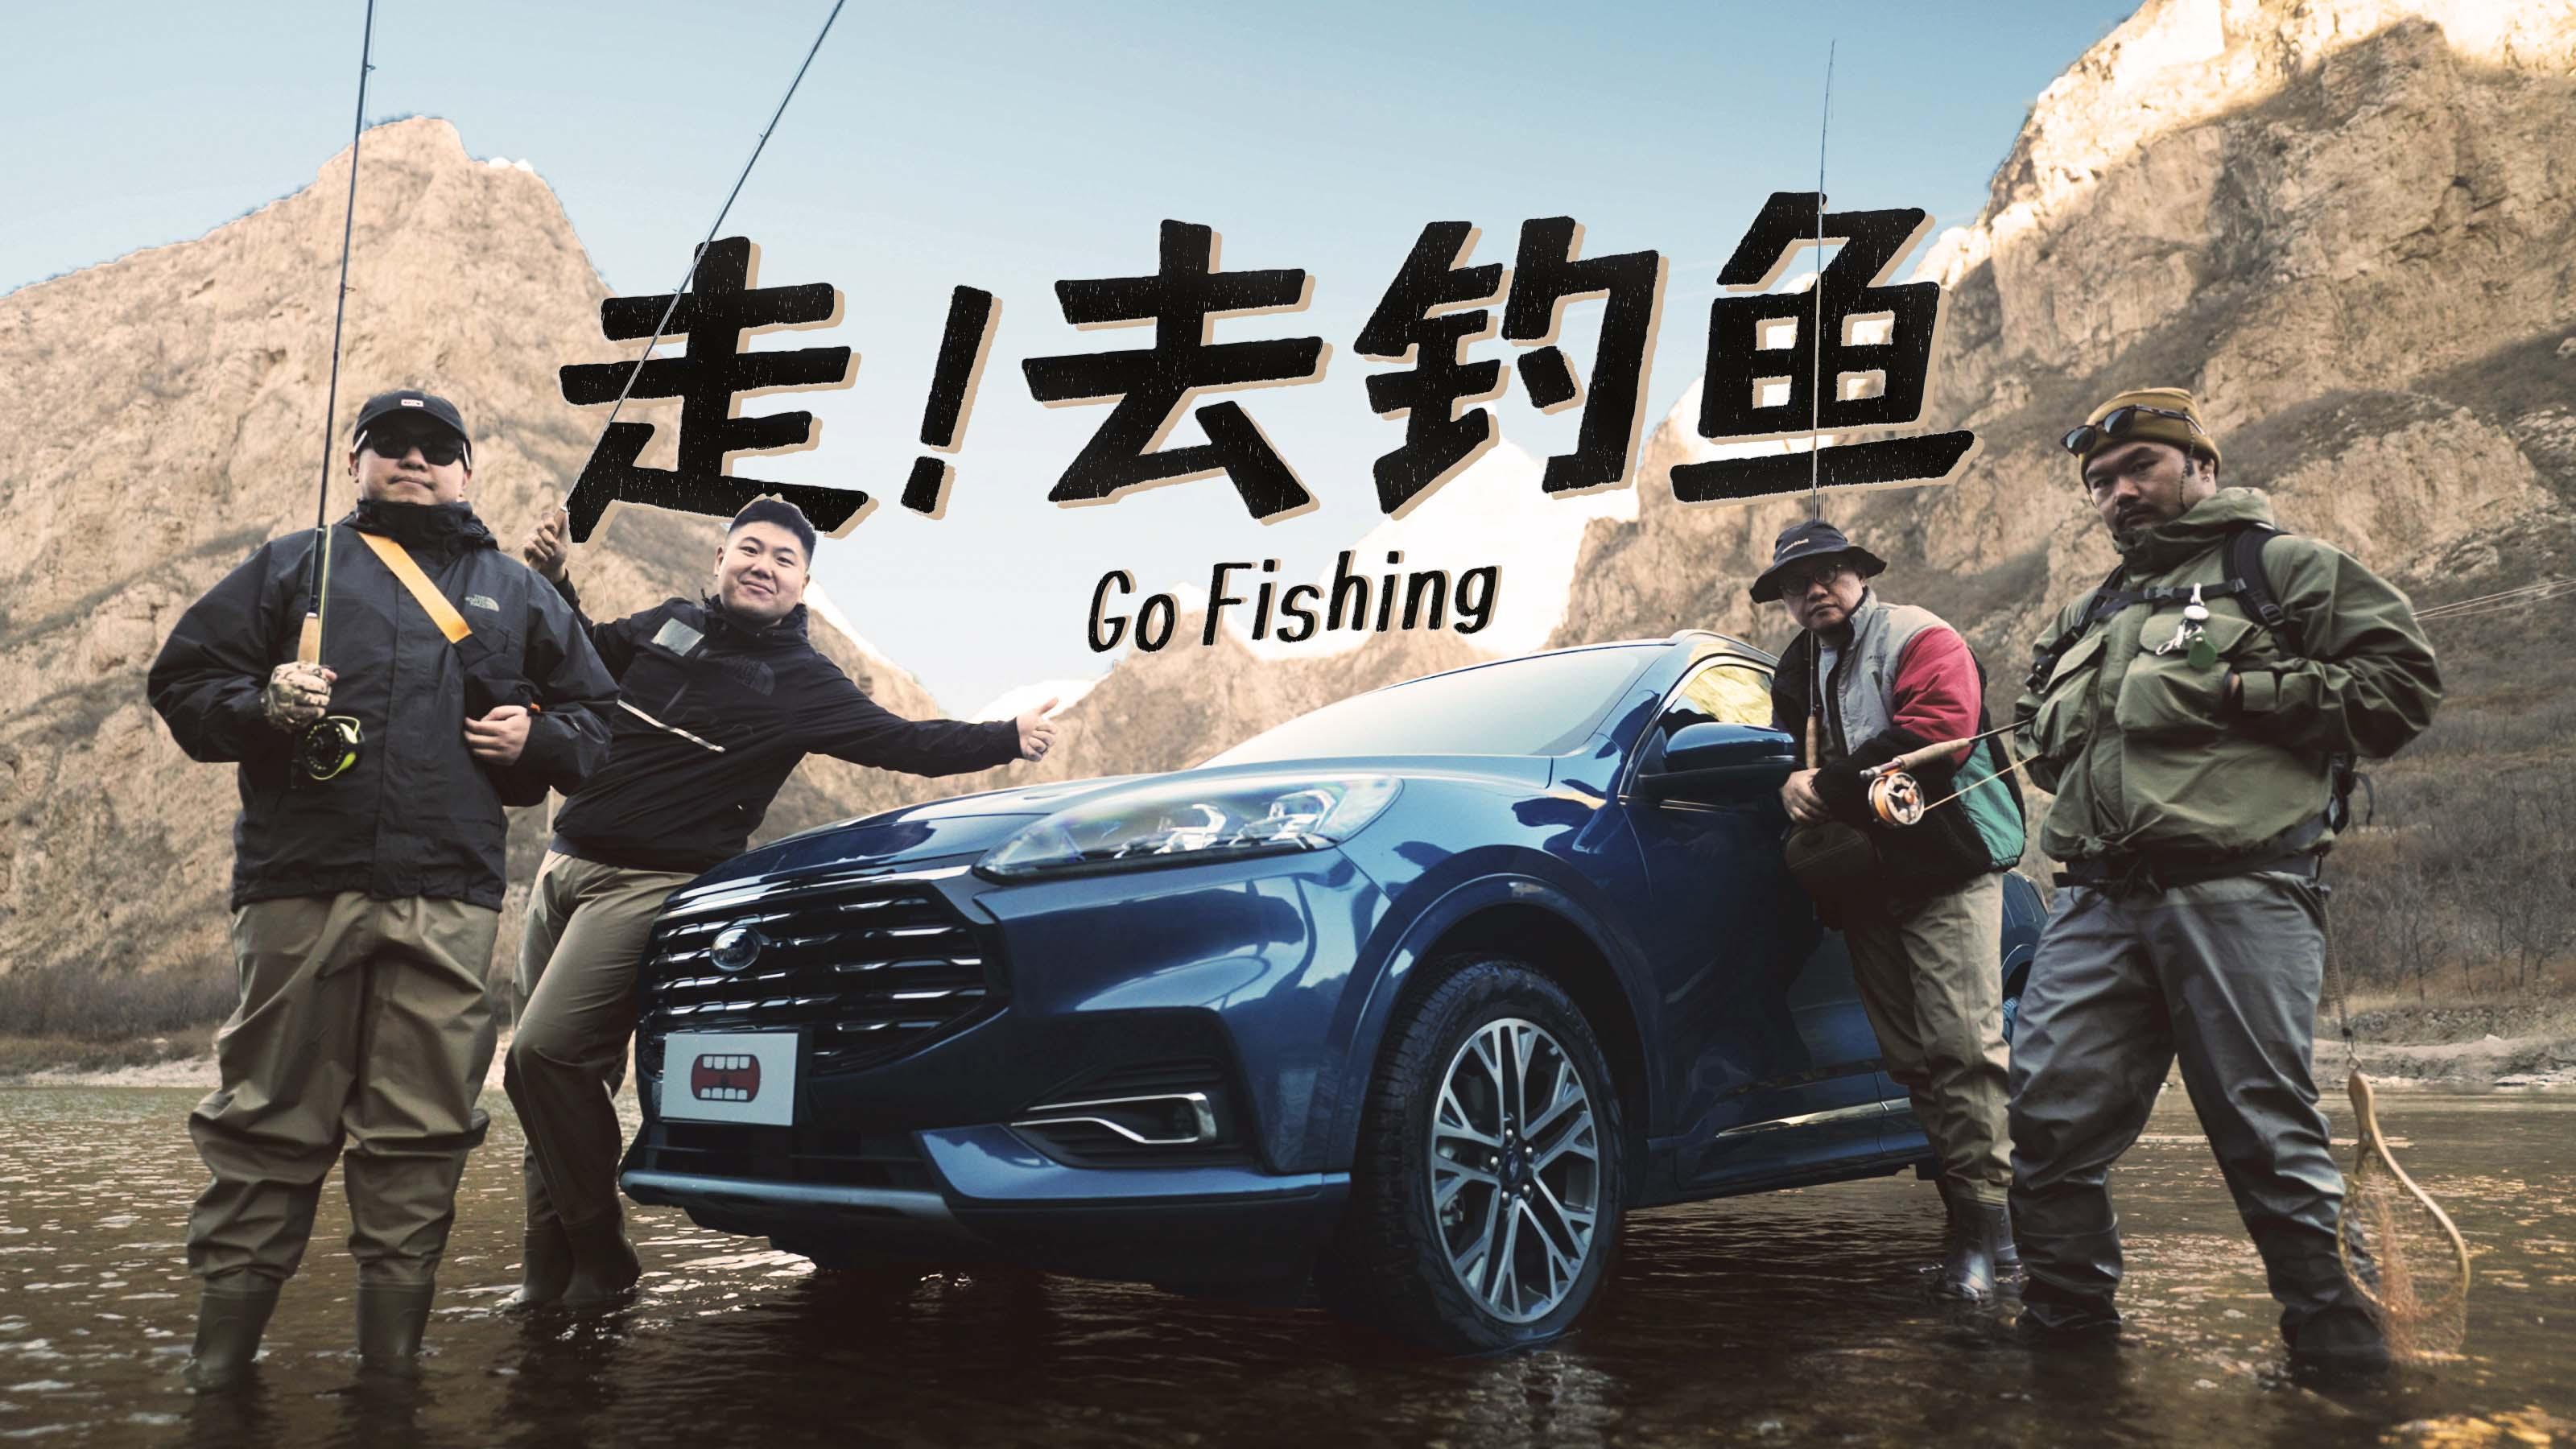 男人們都愛做的事不只是開車「走!去釣魚」